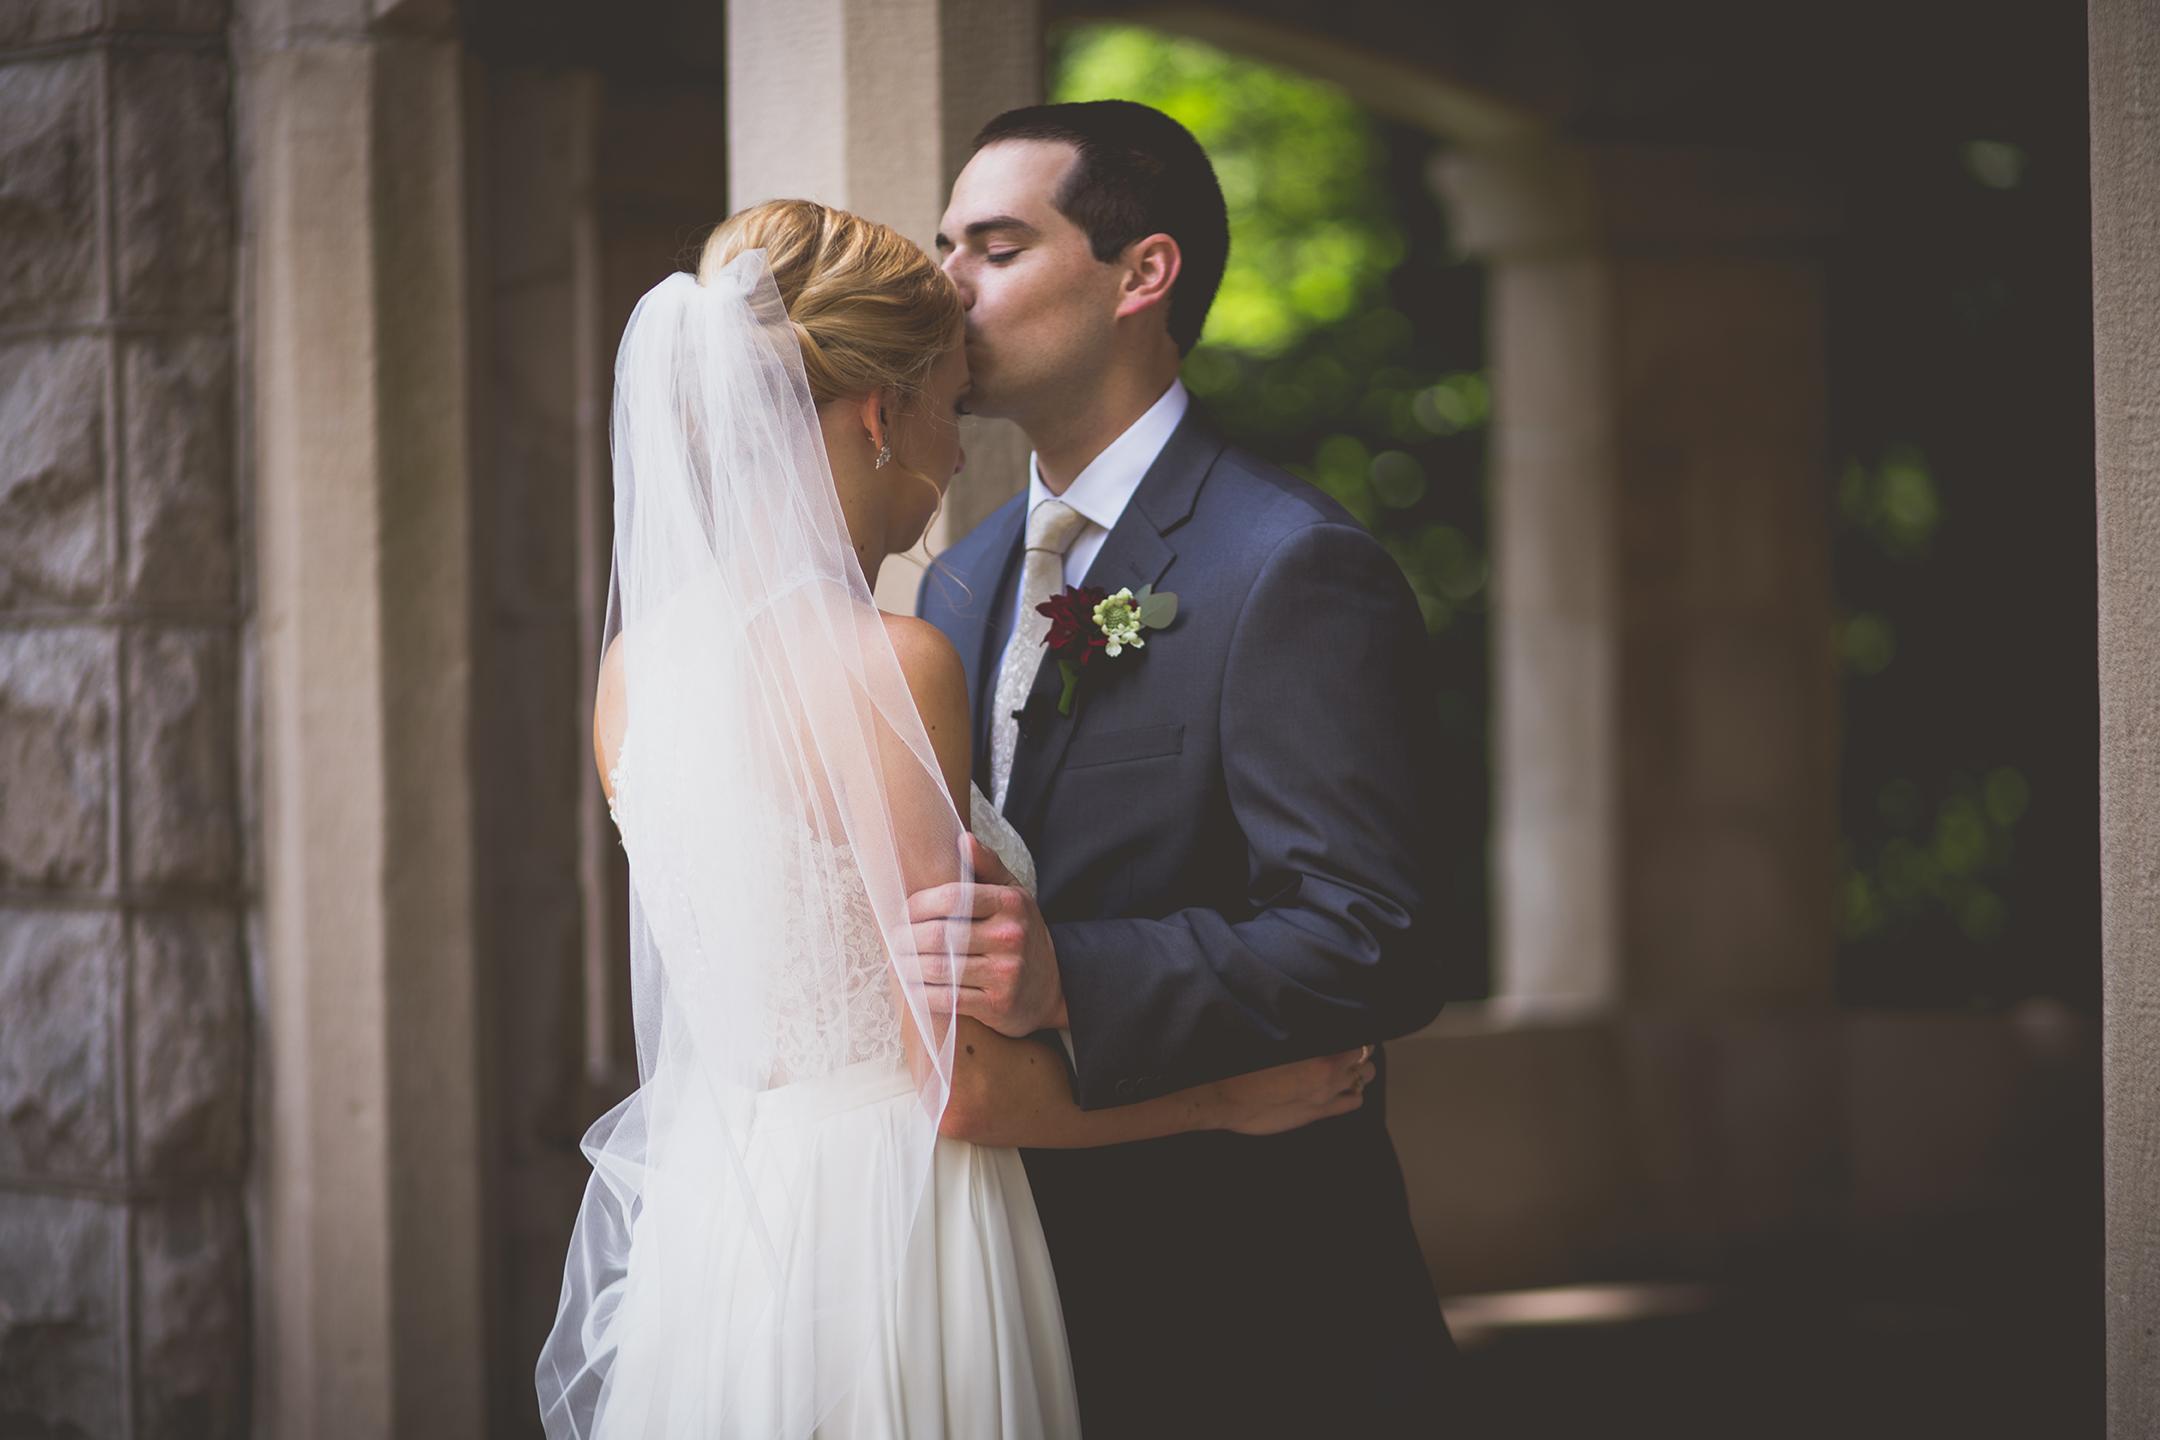 Wedding2018_019.jpg